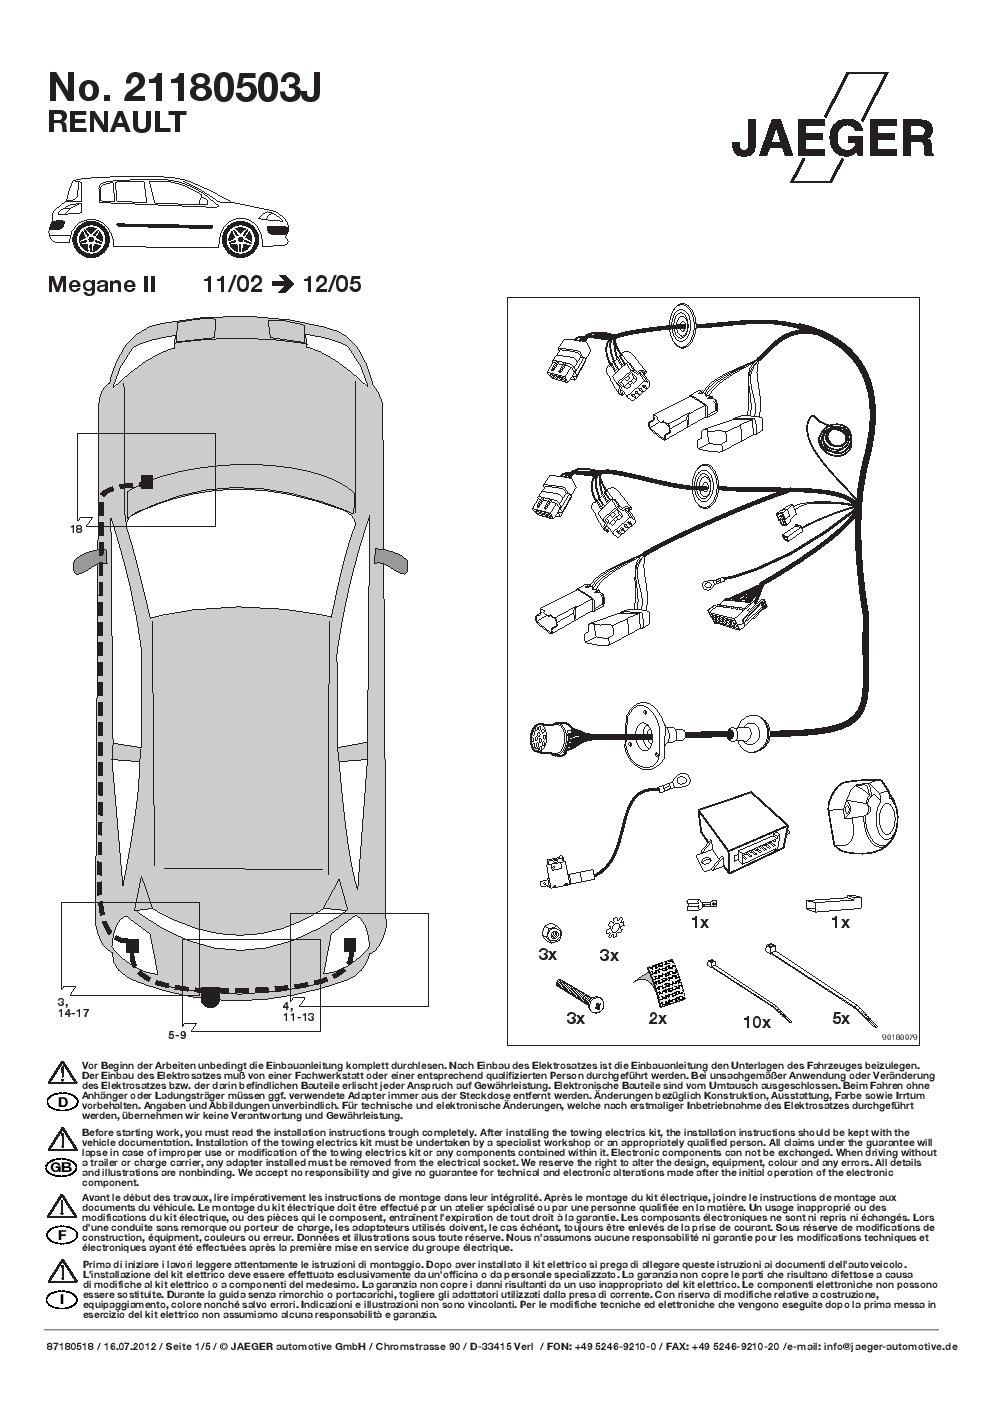 Umbra AHK Vertical Remolque Desmontable con 13P Índice Fischer S Juego de ut311 C or05zvmm/ws21180503de4: Amazon.es: Coche y moto